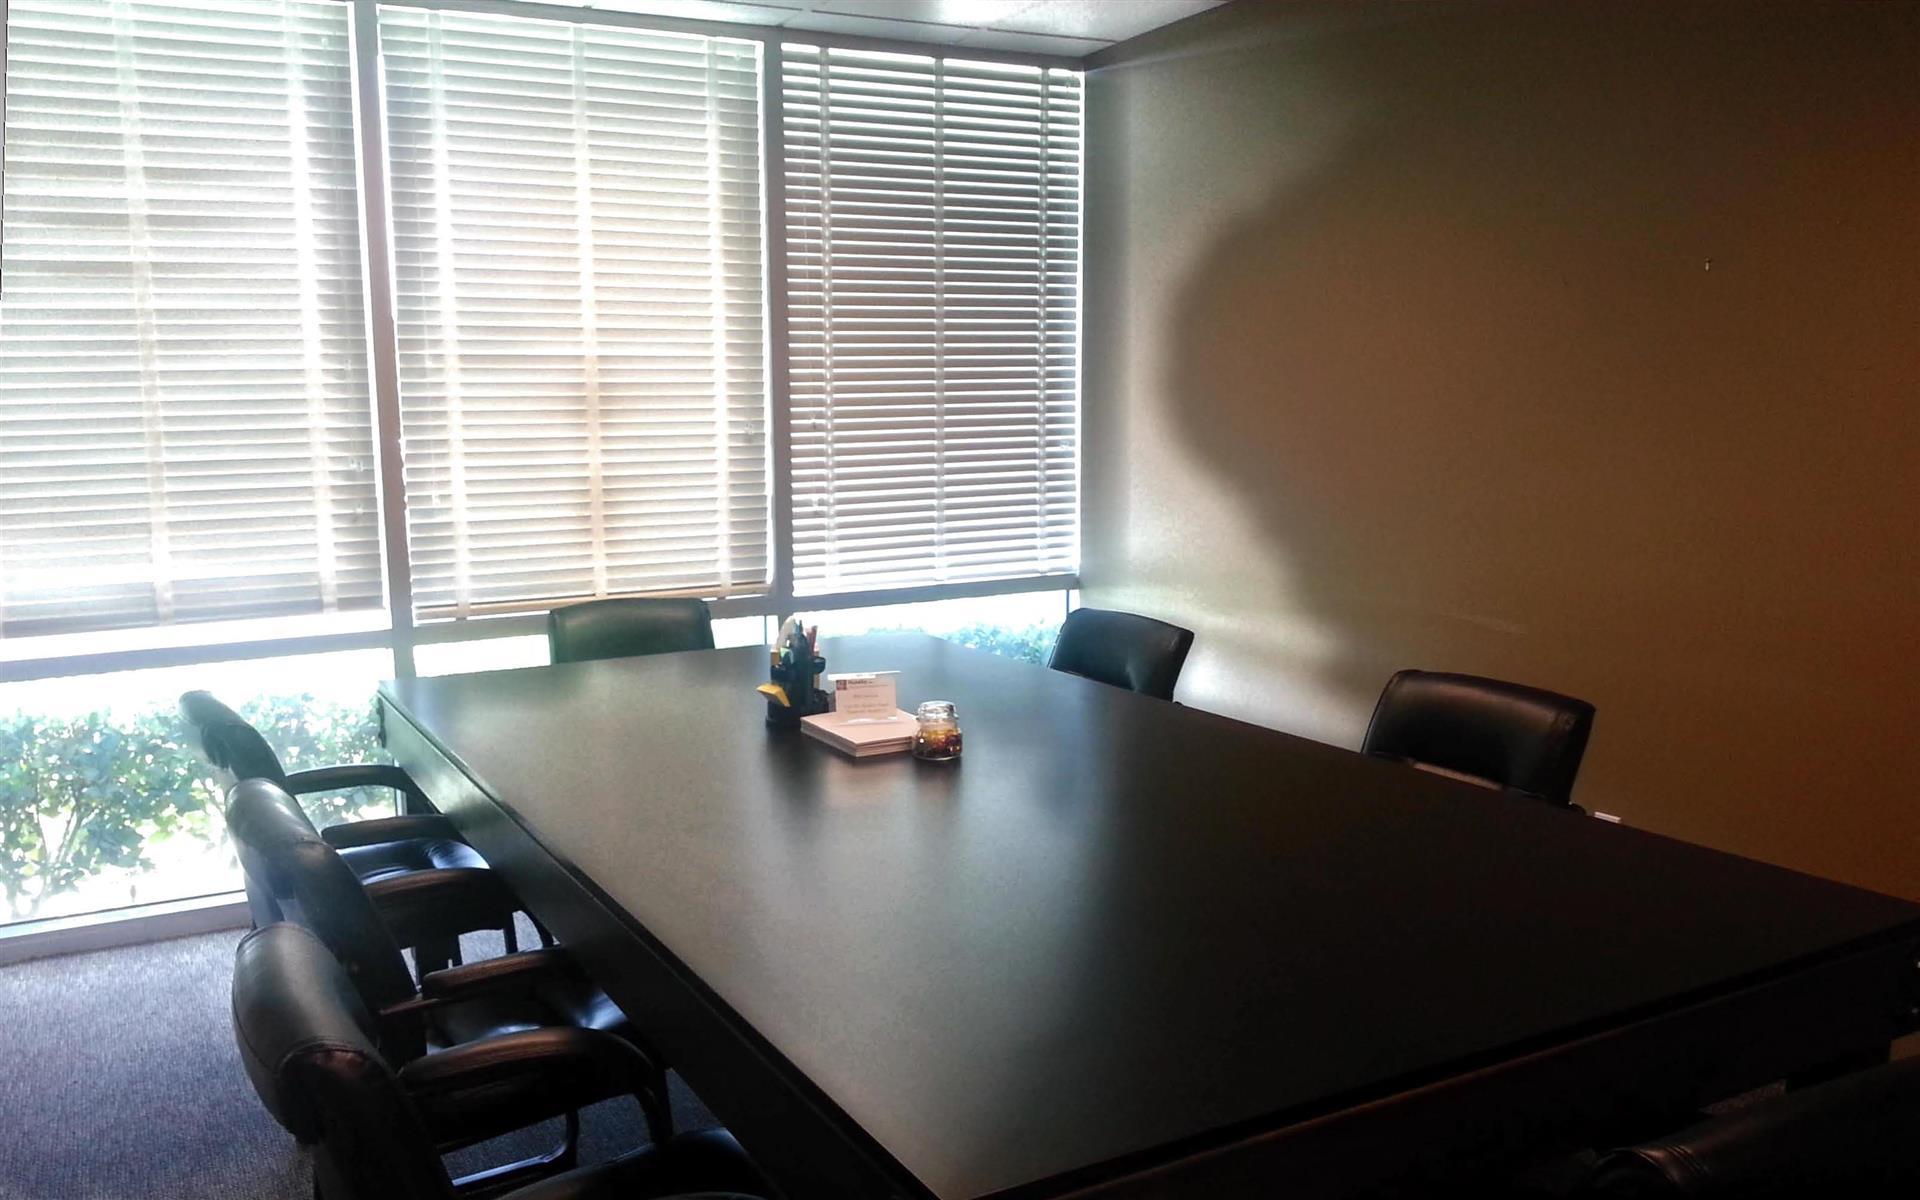 Huseby Fresno - Conference Room/Flexible Workroom 3